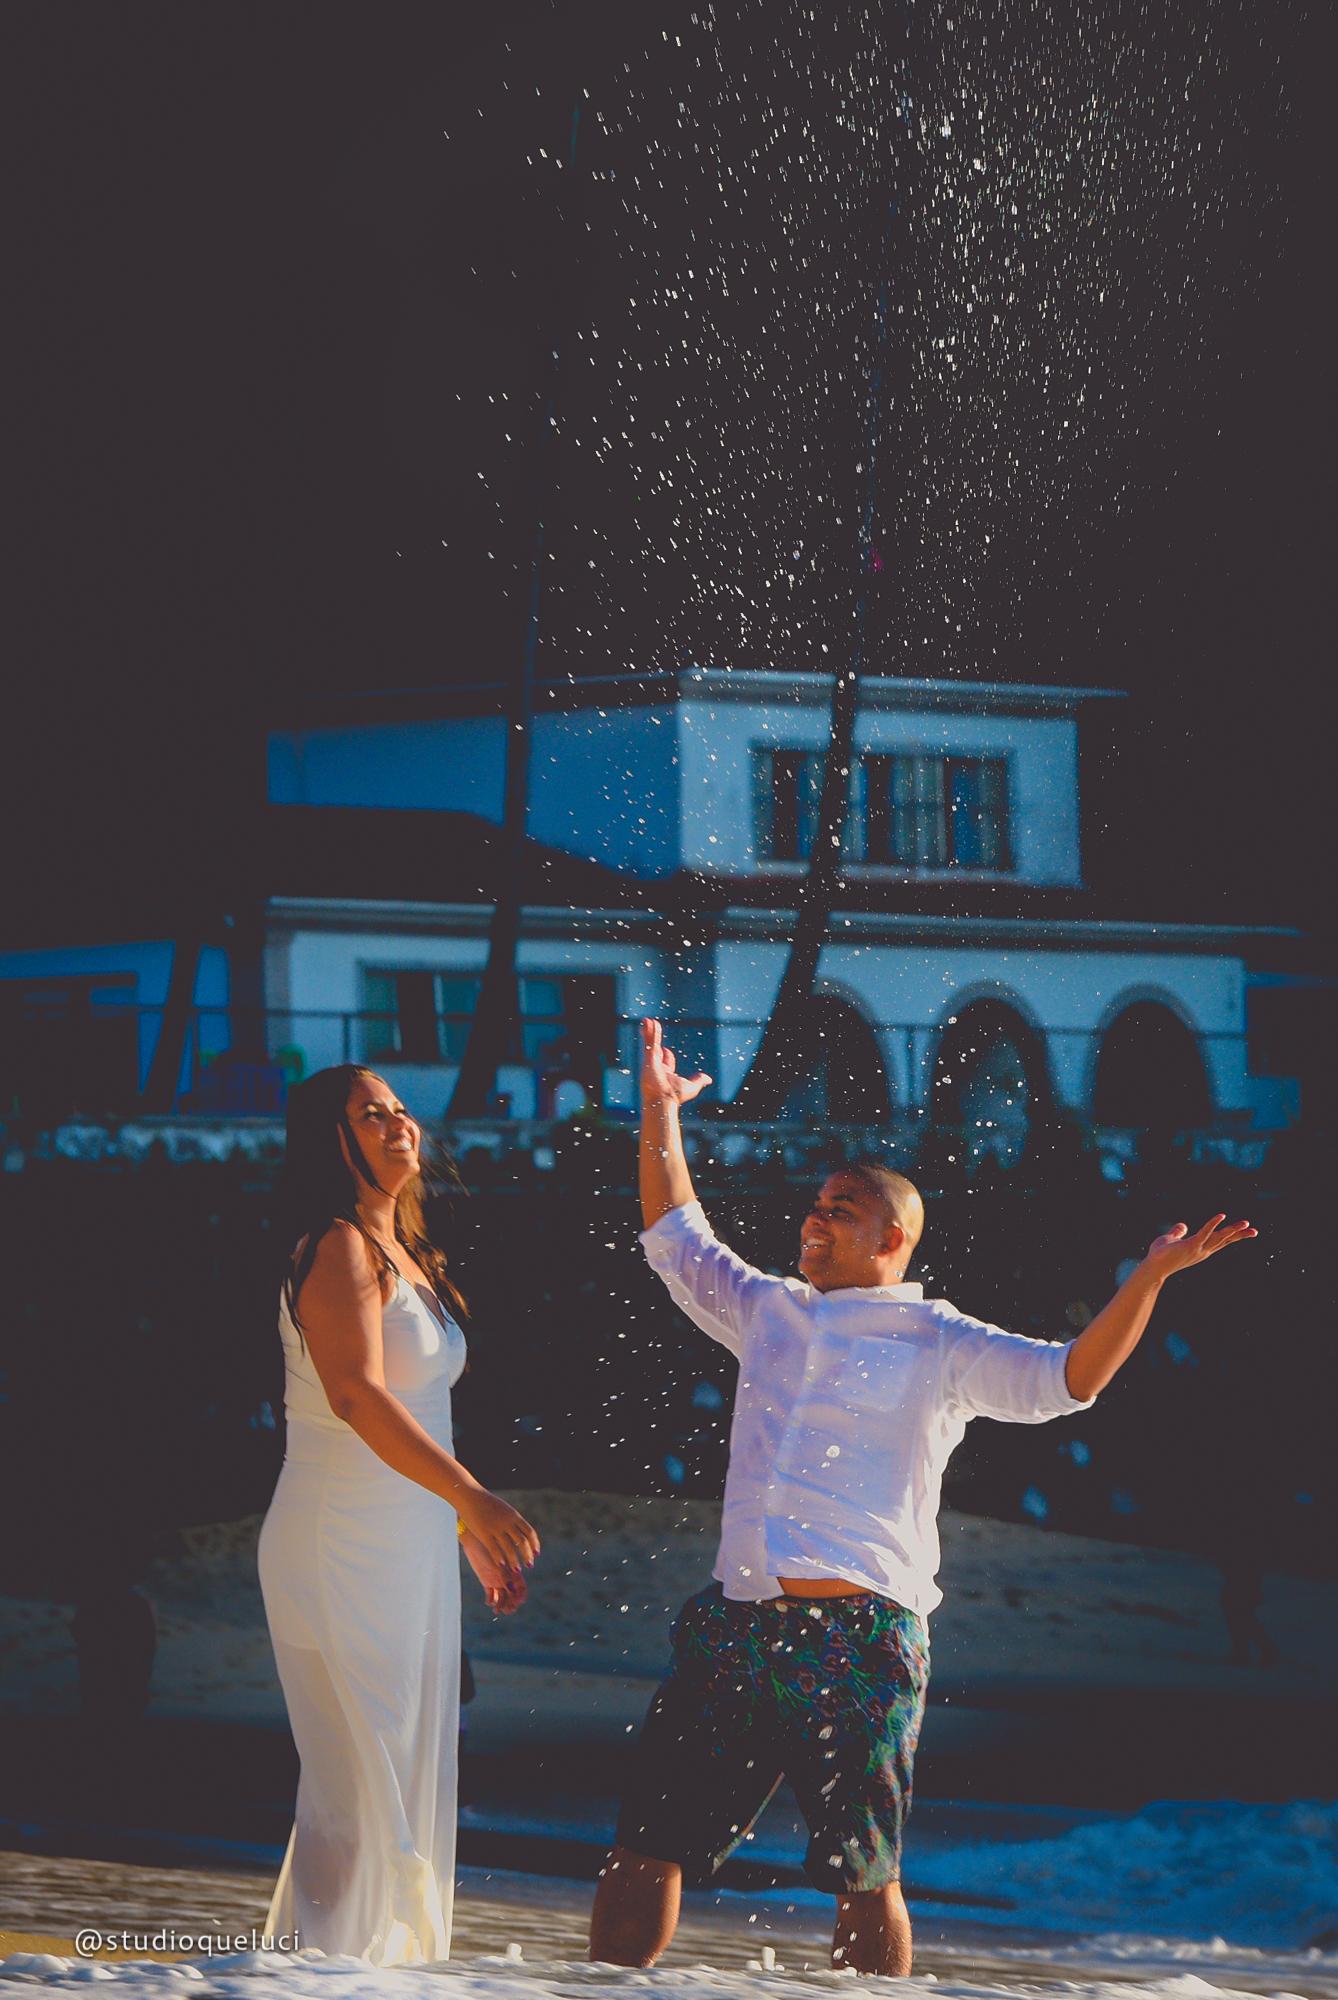 Fotografo de casamento ensaio pre casamento (83)